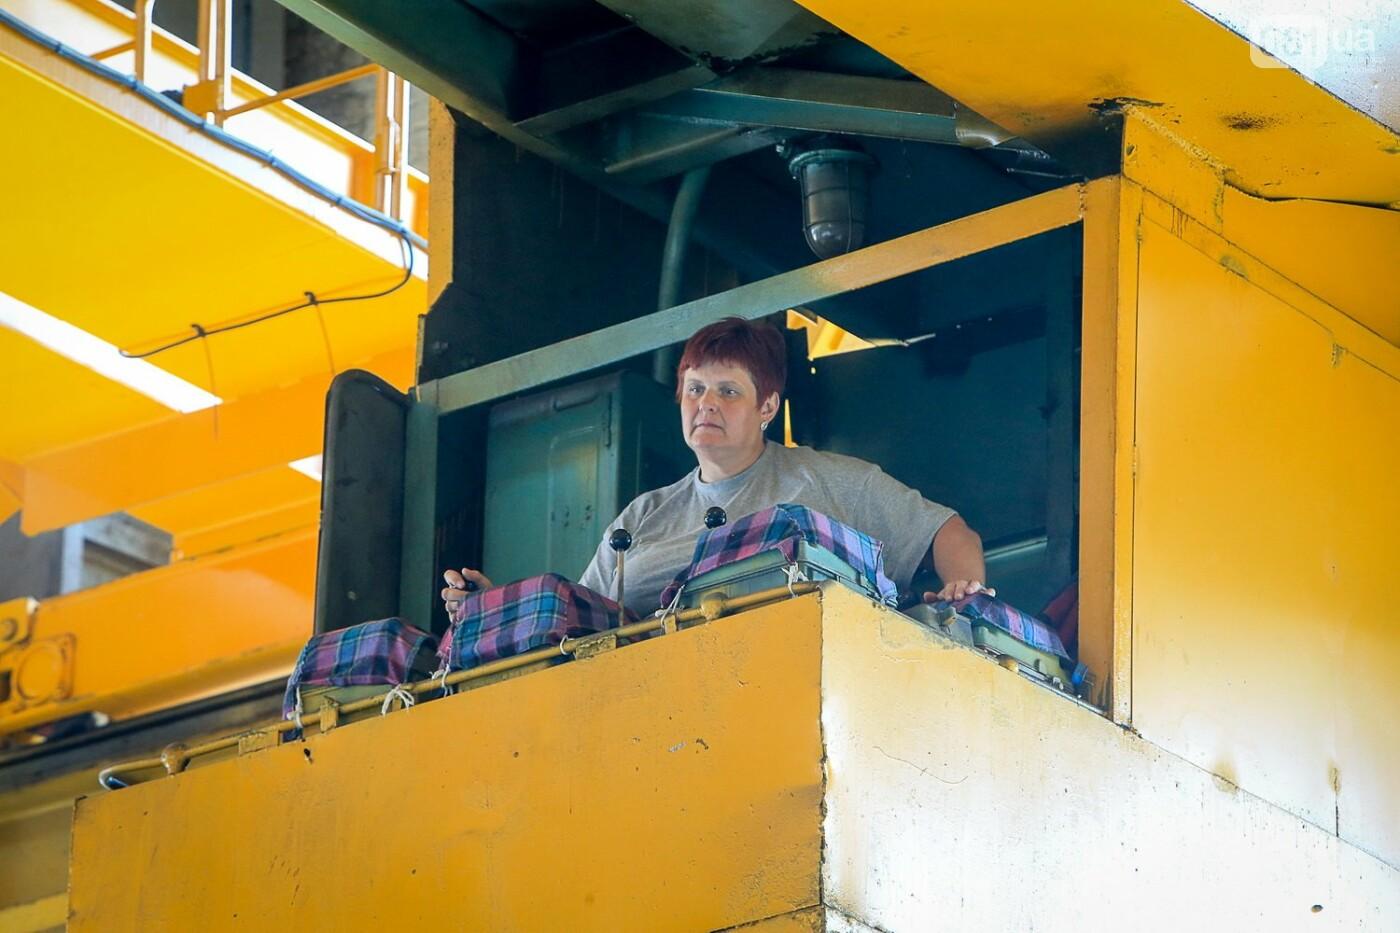 Как в Запорожье работает крупнейший в Европе завод по производству кранов: экскурсия на производство, — ФОТОРЕПОРТАЖ, фото-65